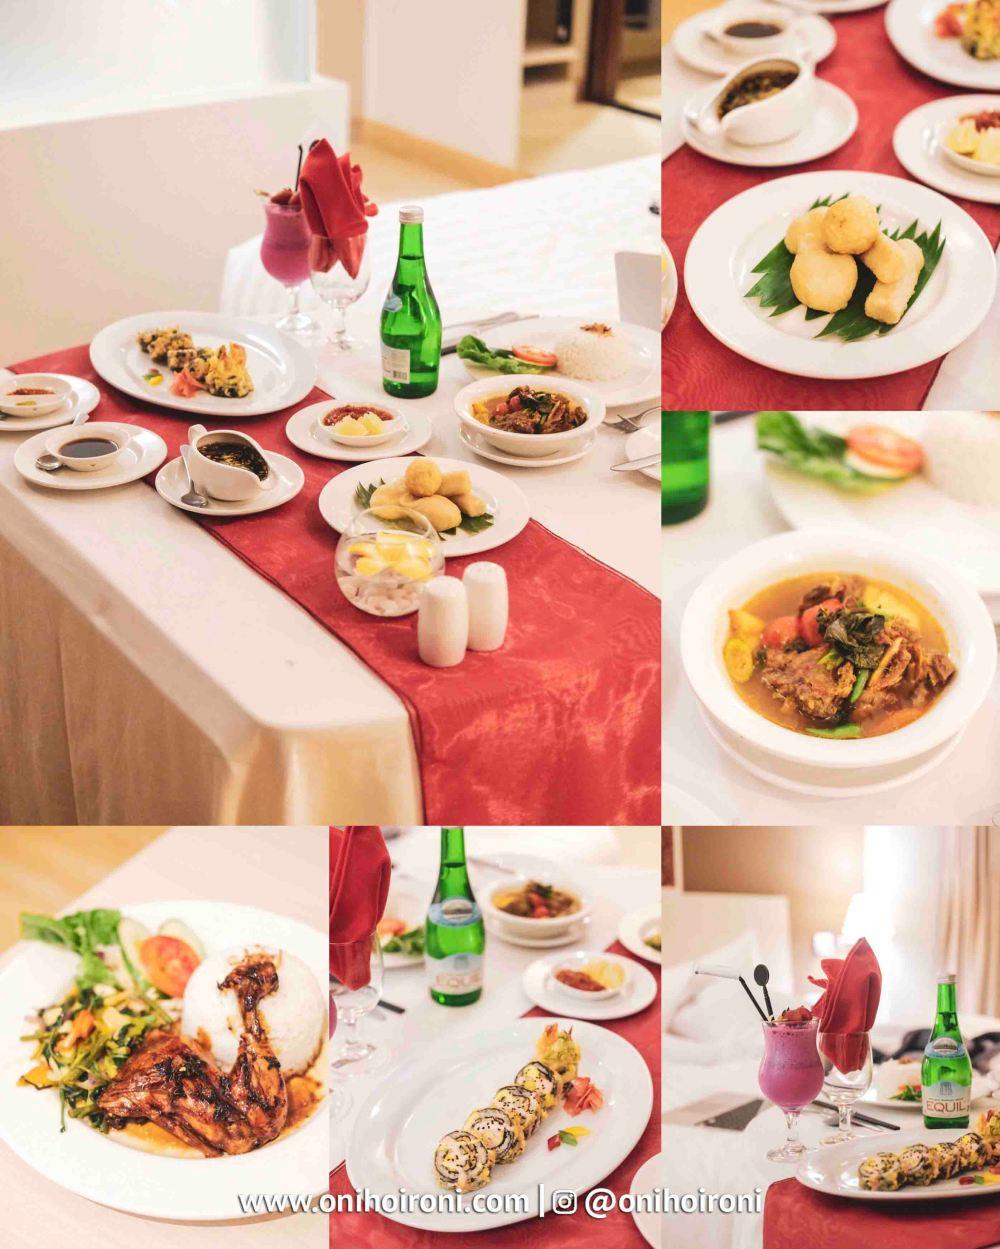 Food D'Central Restaurant Harper Hotel Palembang.jpg